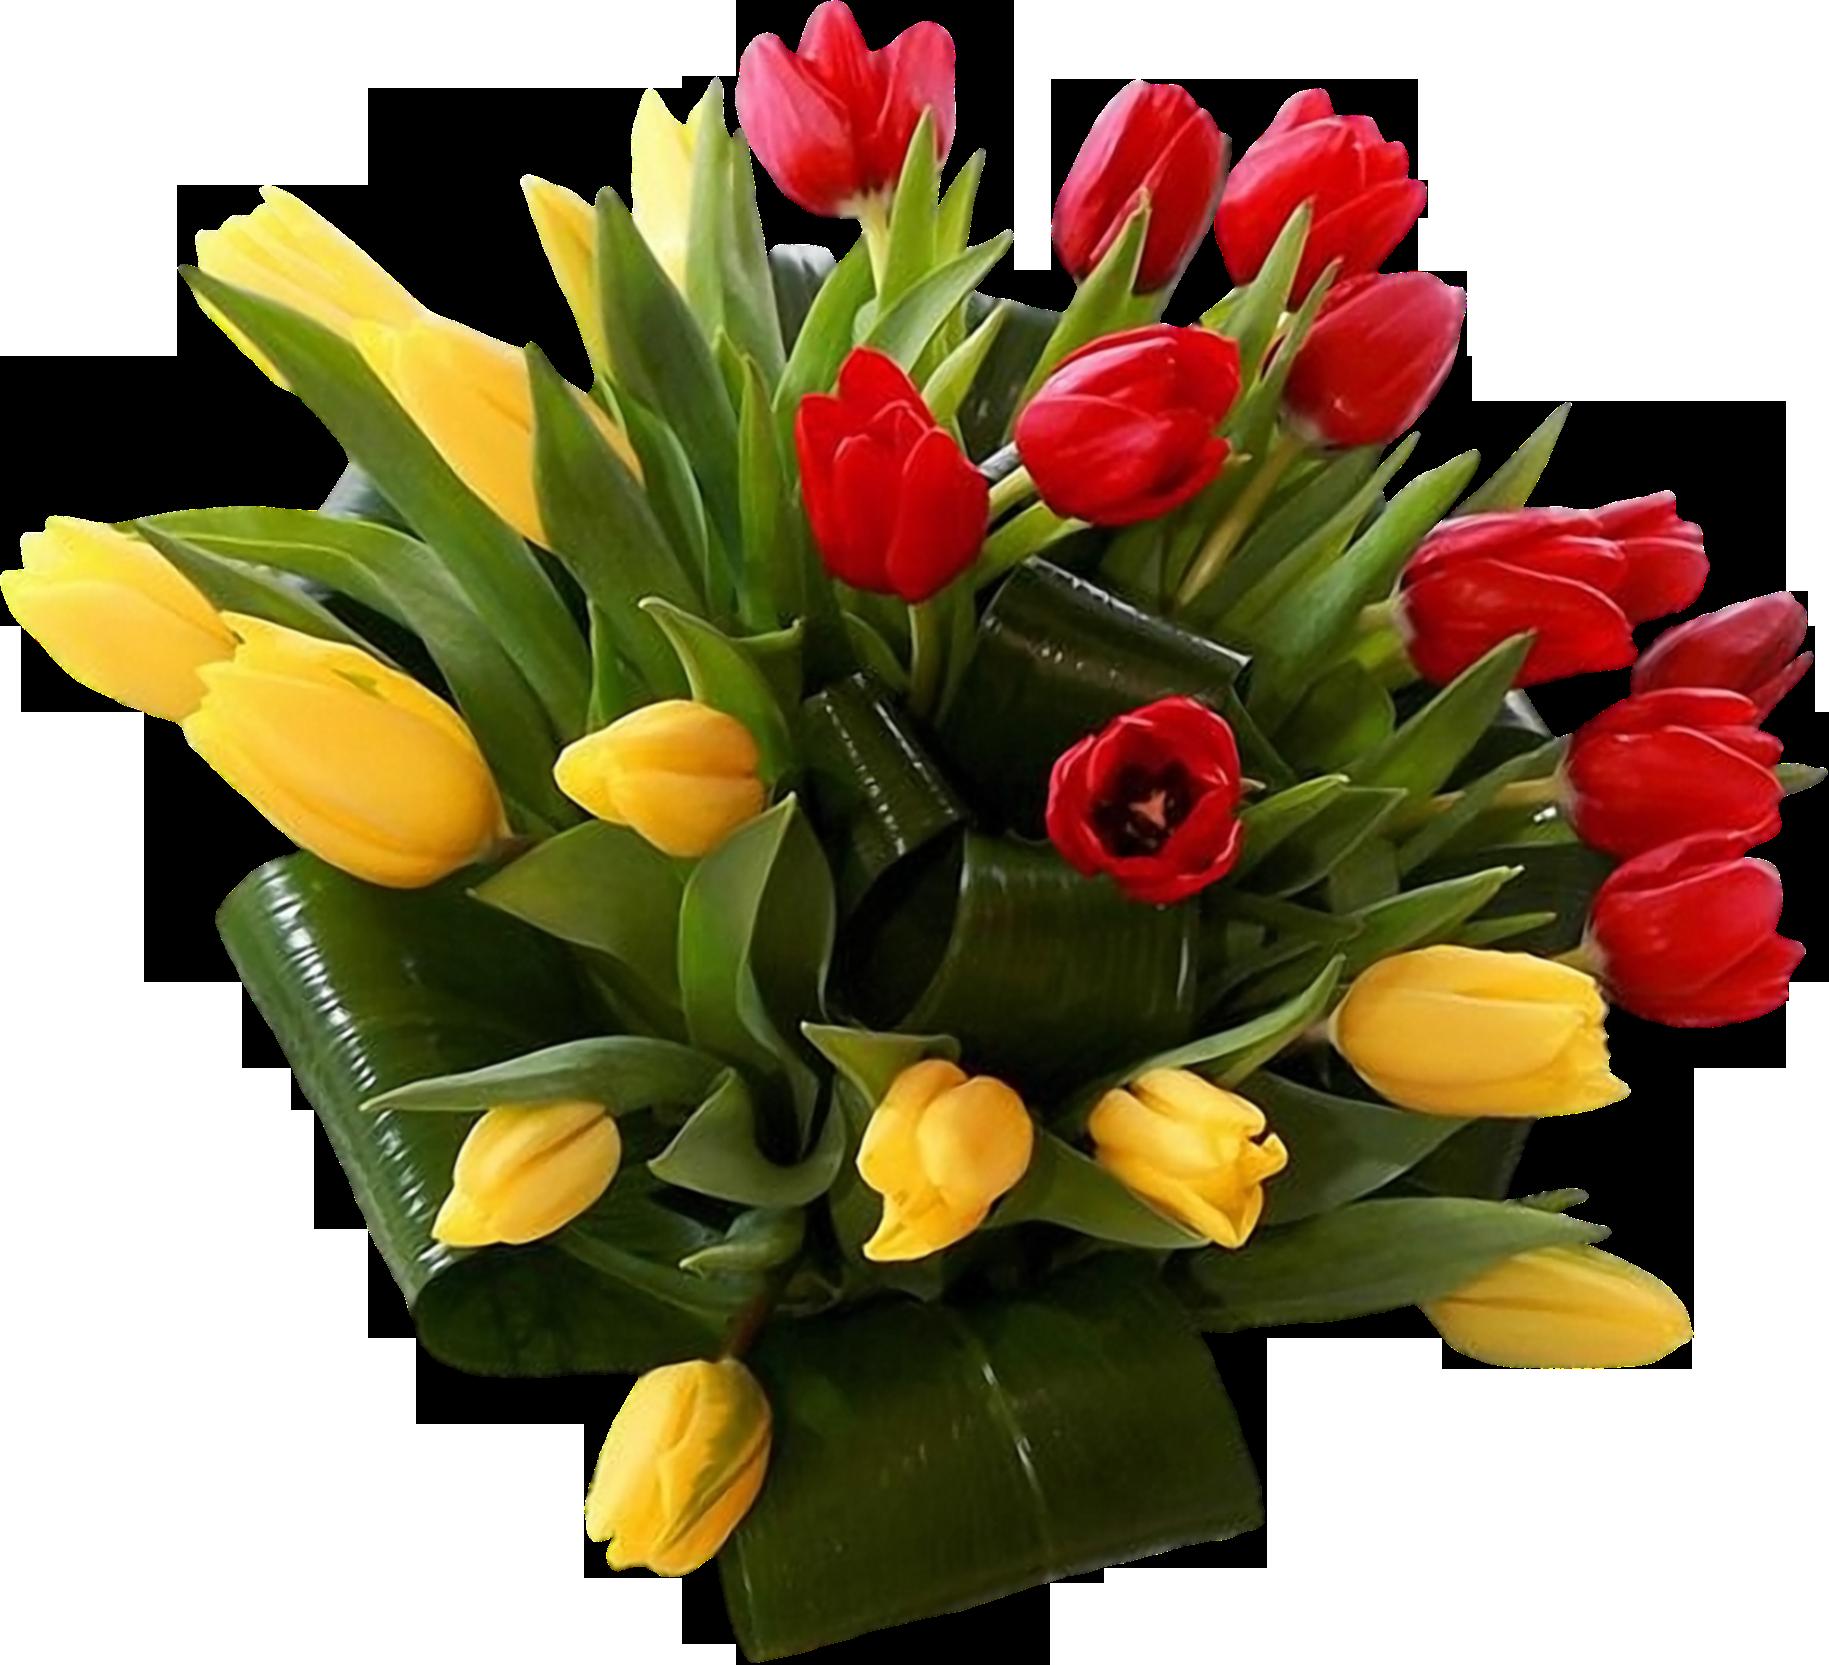 цветы фото на э